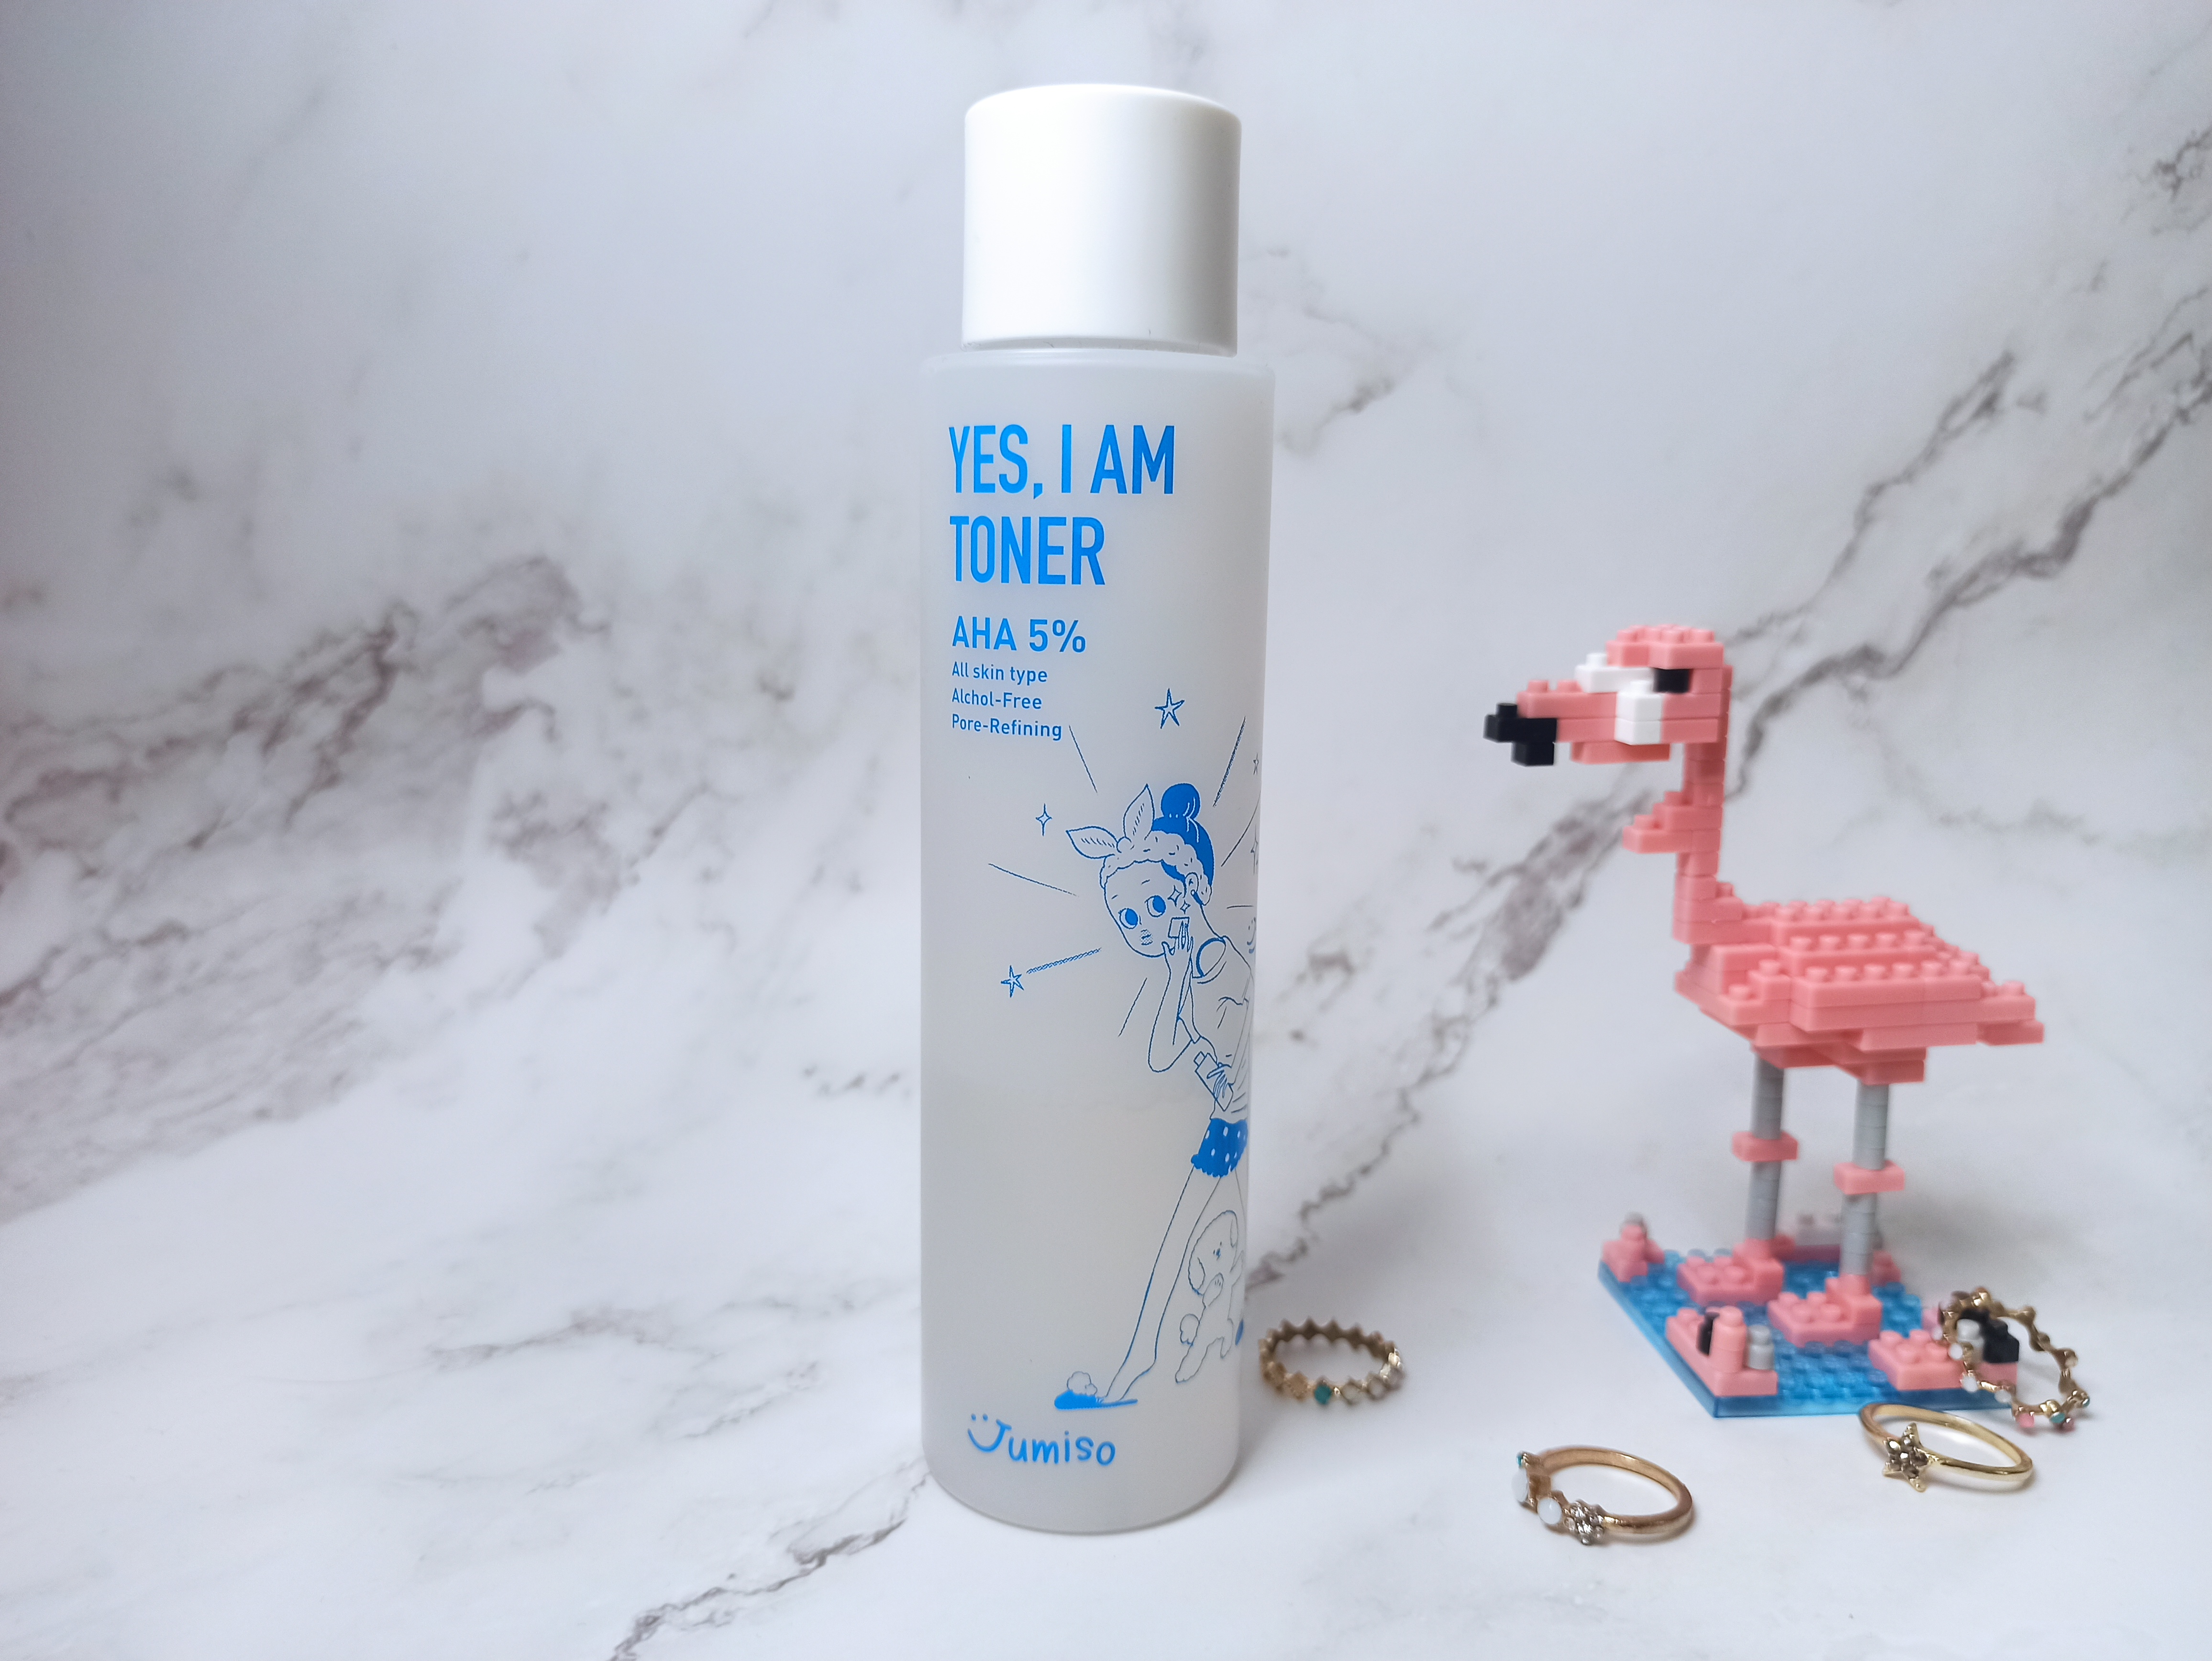 REVIEW | Jumiso Yes, I Am Toner AHA 5%